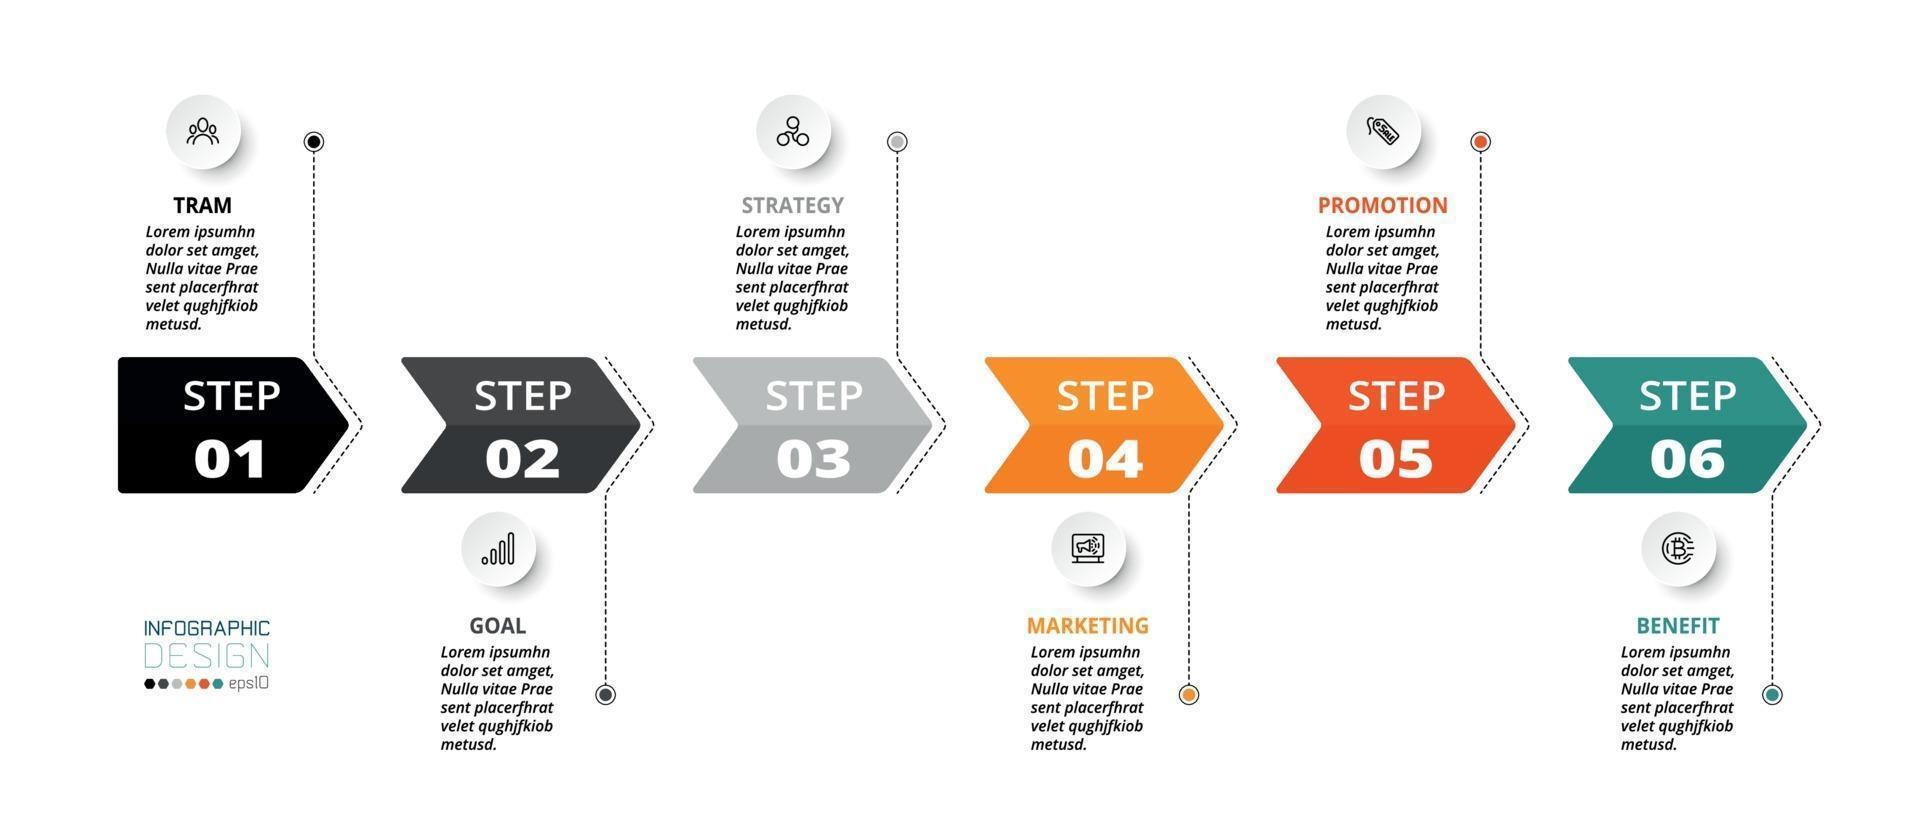 descrivere il processo attraverso l'etichetta della freccia, la cronologia, usarlo per la pianificazione del lavoro. vettore